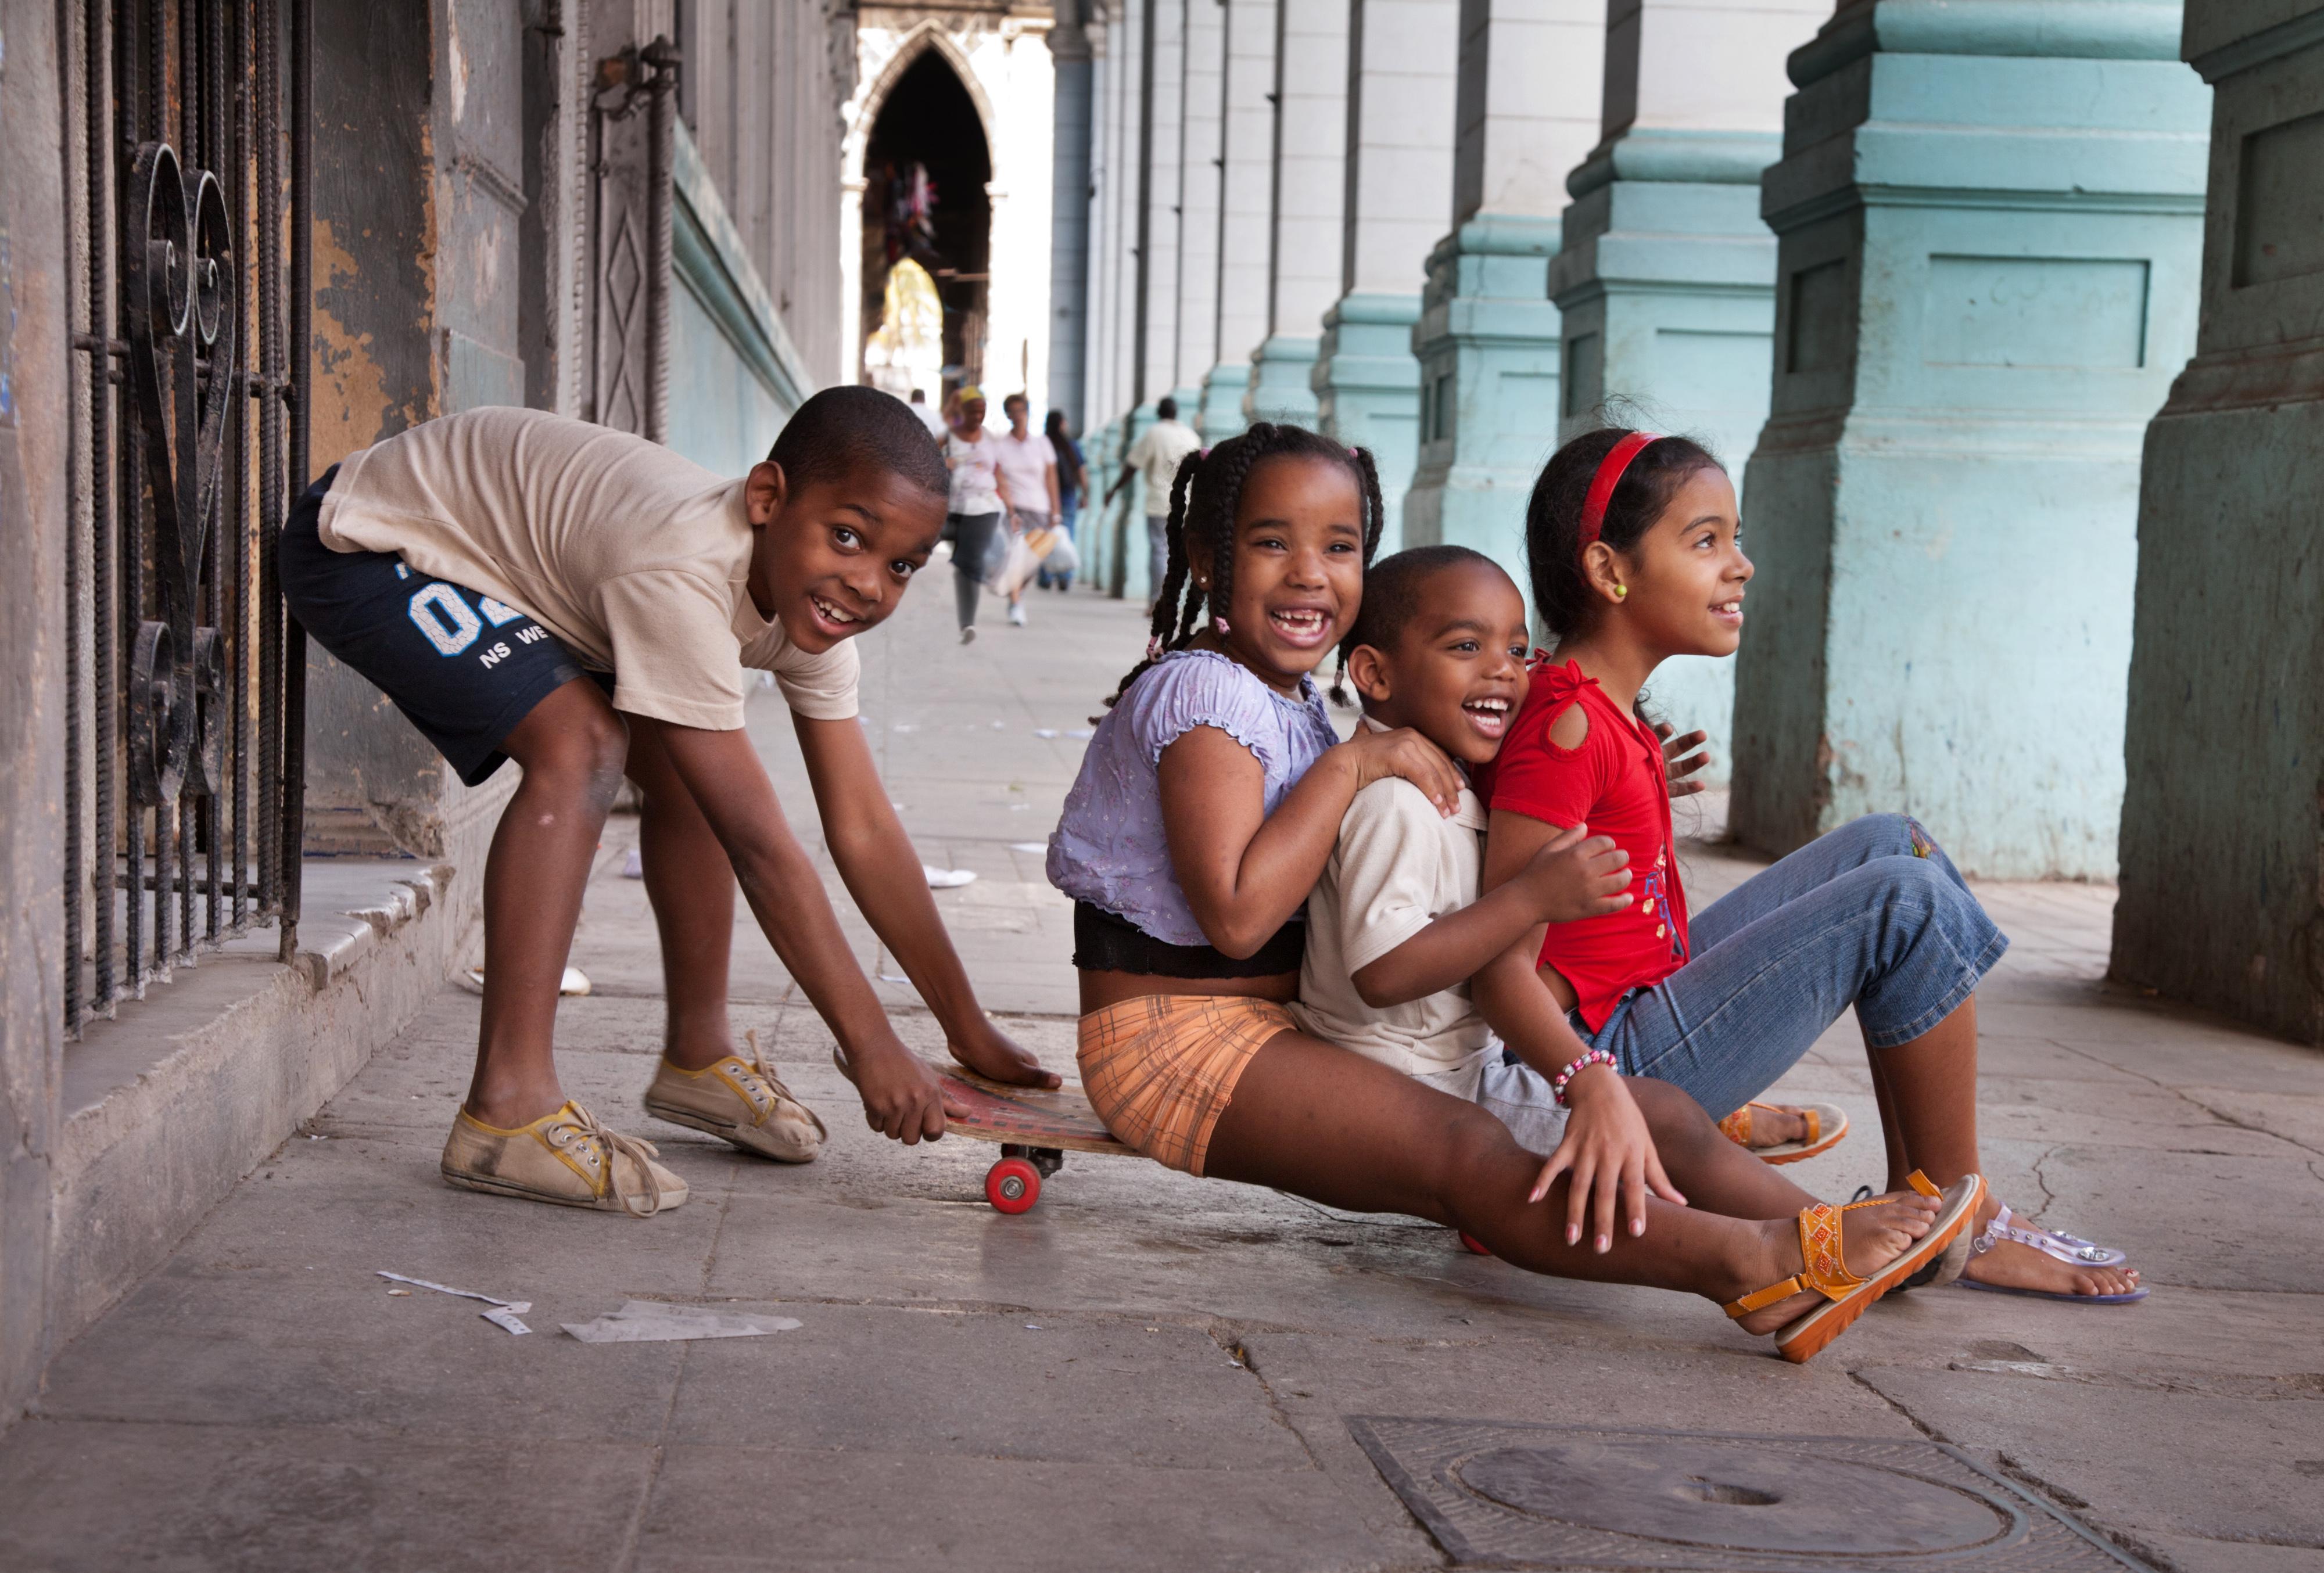 File:Havana - Cuba - 1806.jpg - Wikimedia Commons